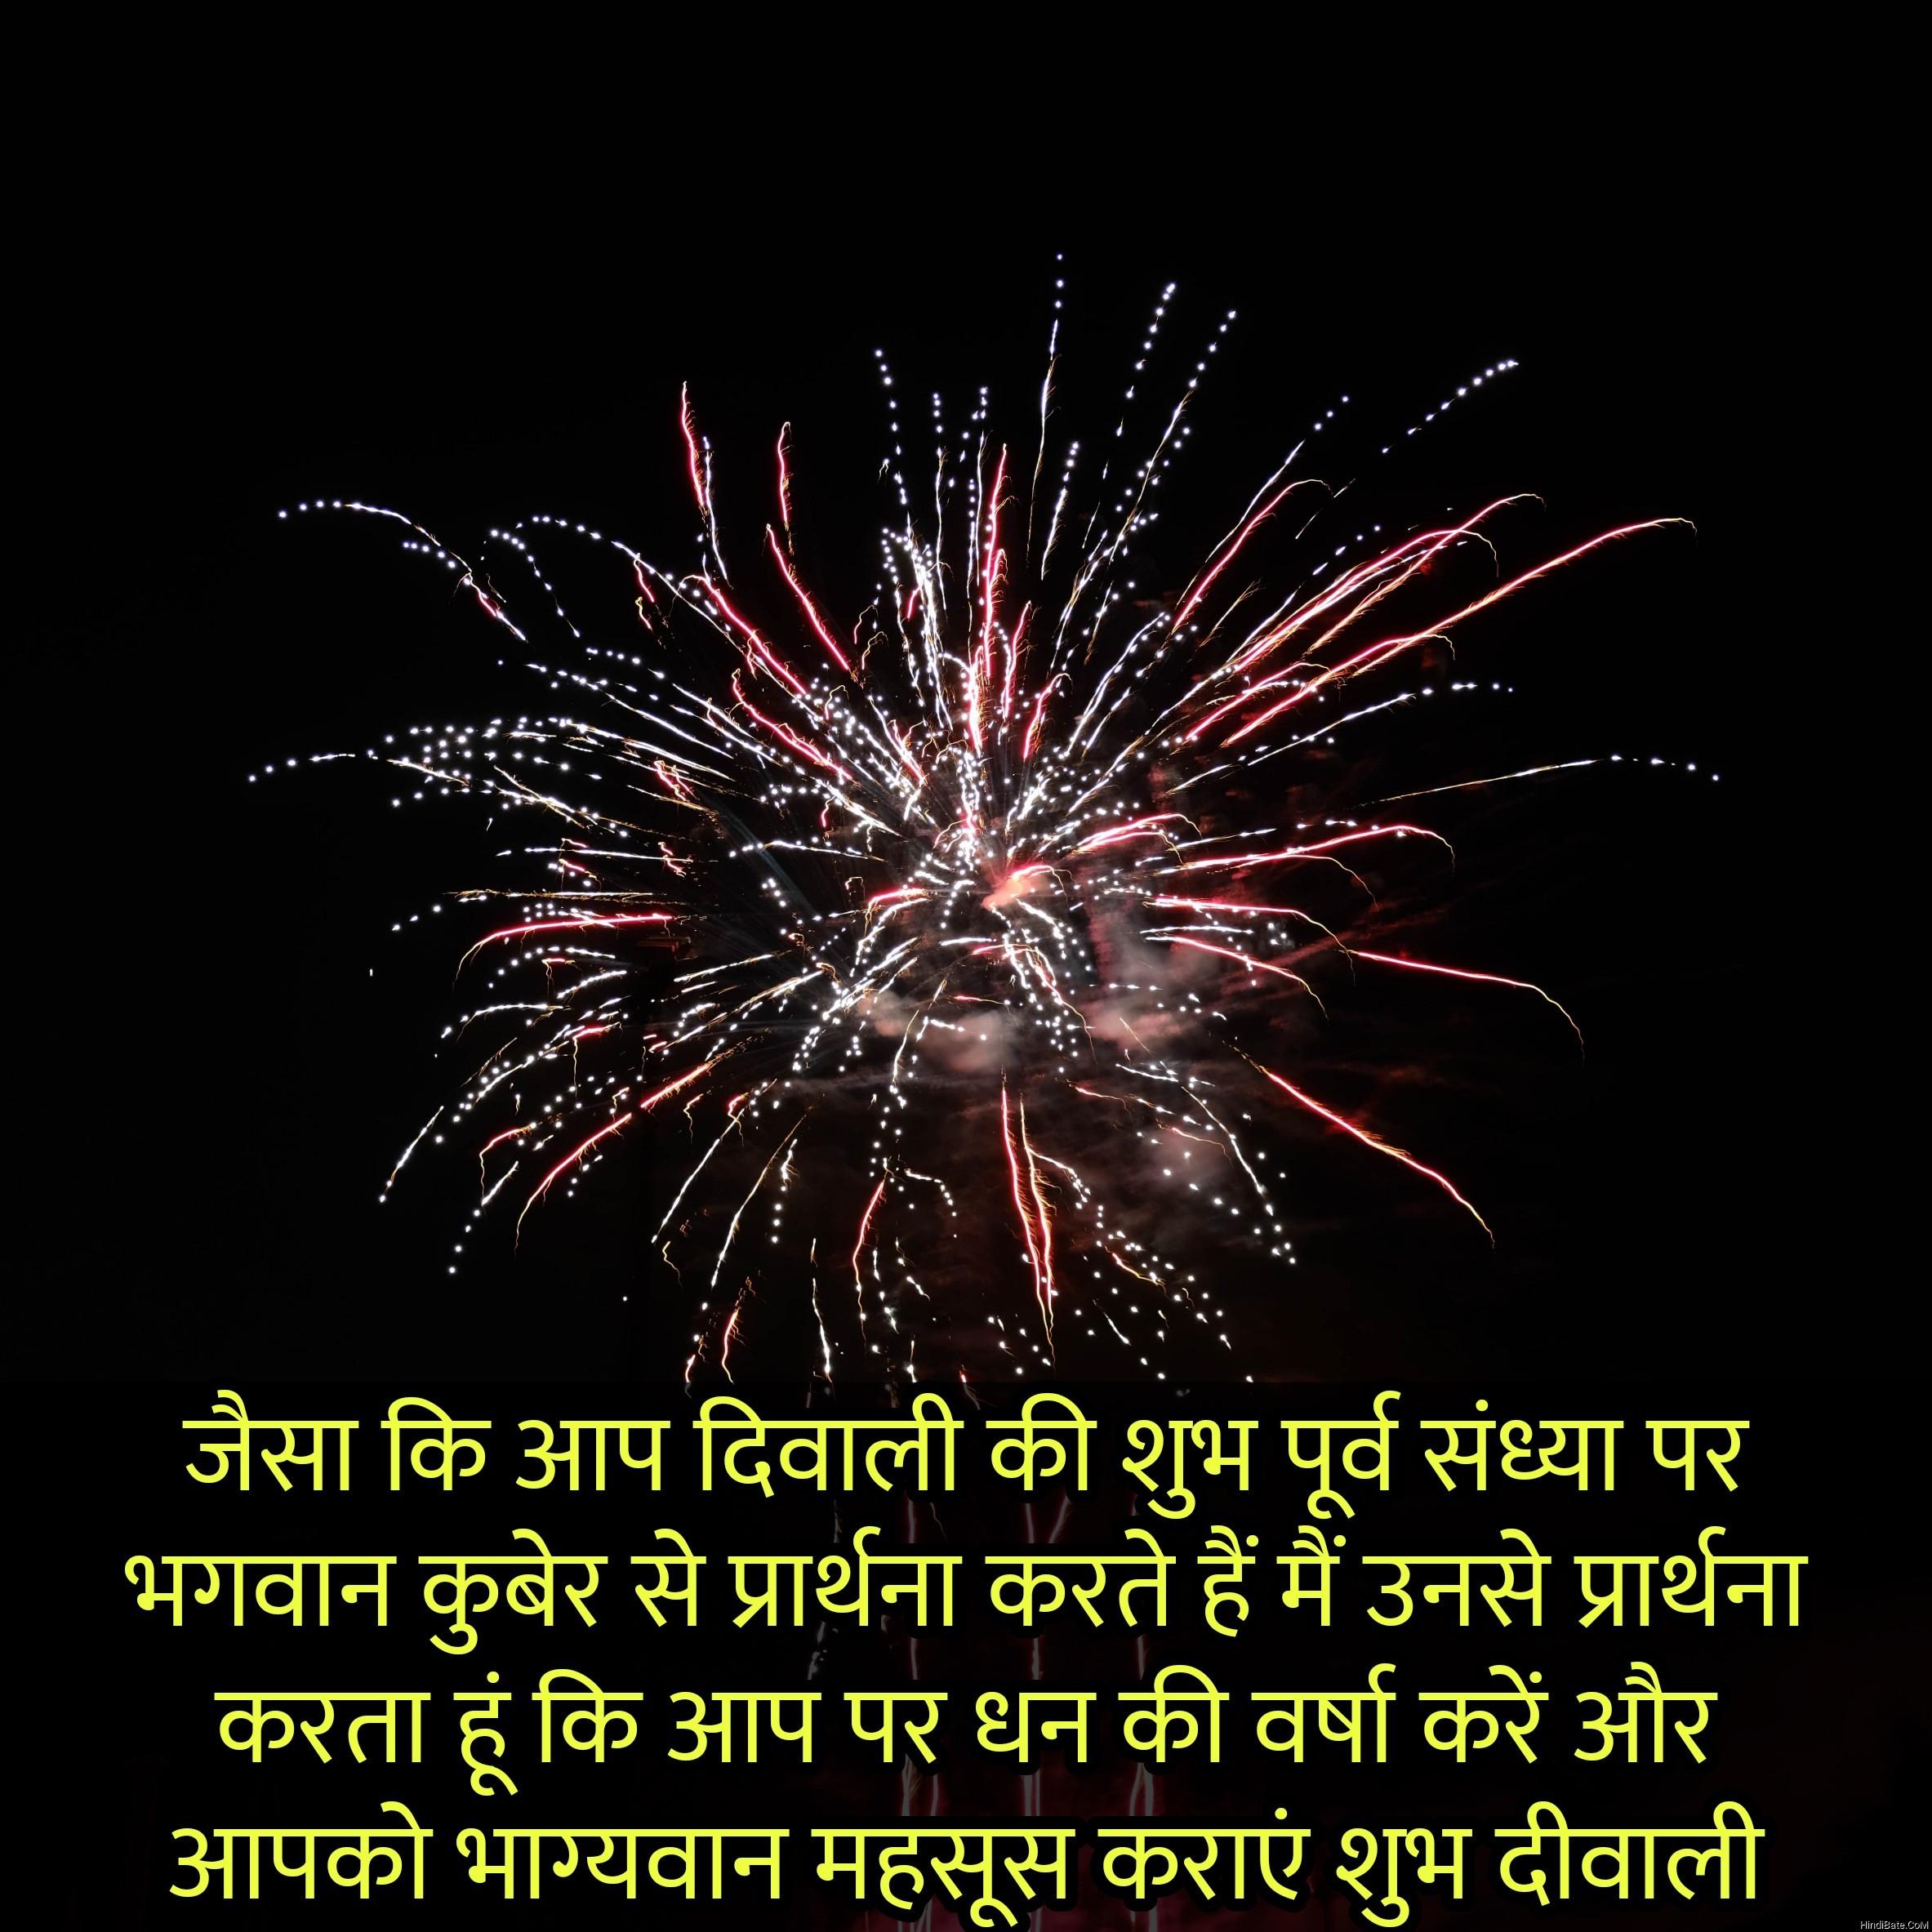 जैसा कि आप दिवाली की शुभ पूर्व संध्या Diwali quotes